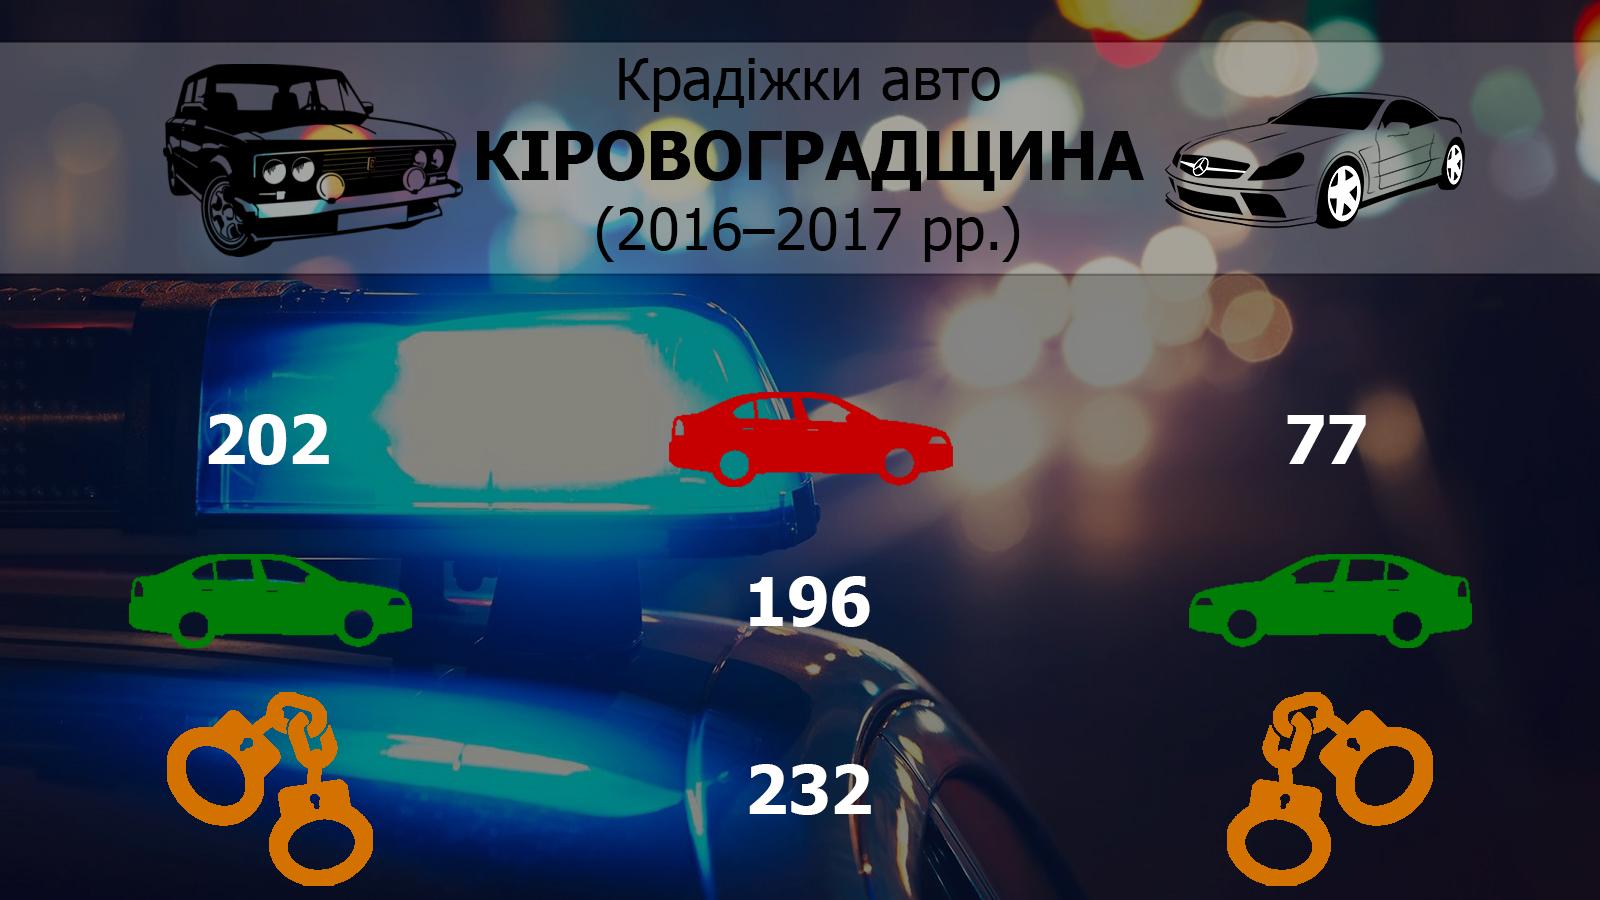 Без Купюр Як викрадають елітні автівки на Кіровоградщині та чому правоохоронцям складно шукати злодіїв За кермом  шахраї кражіка авто Кіровоградщина викрадення авто Toyota